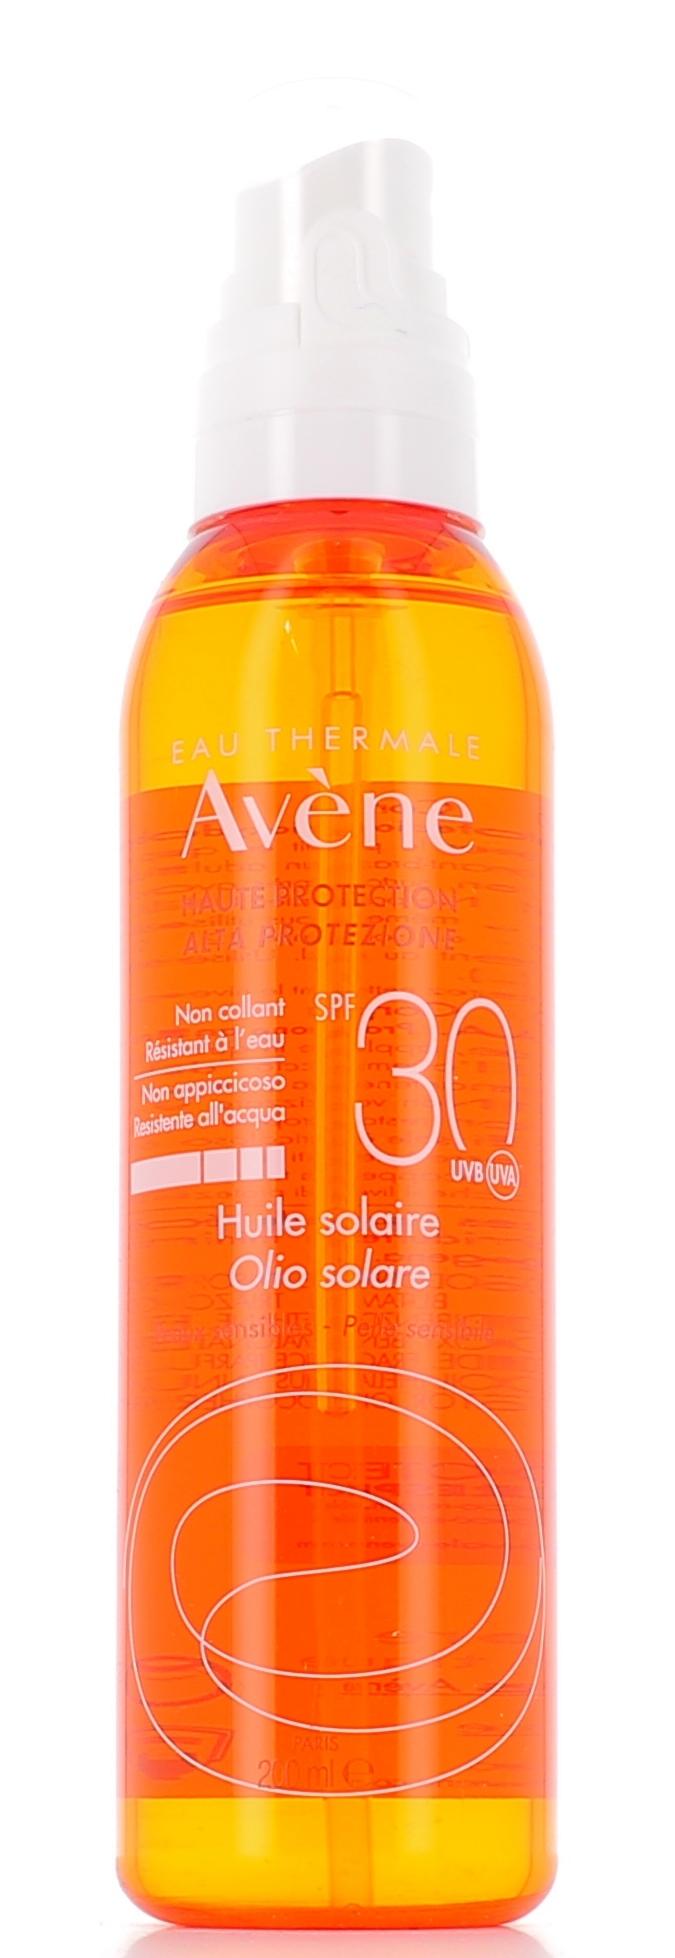 AVENE (Pierre Fabre It. SpA) Avene Solare Alta Protezione Olio Spray Spf30 200ml